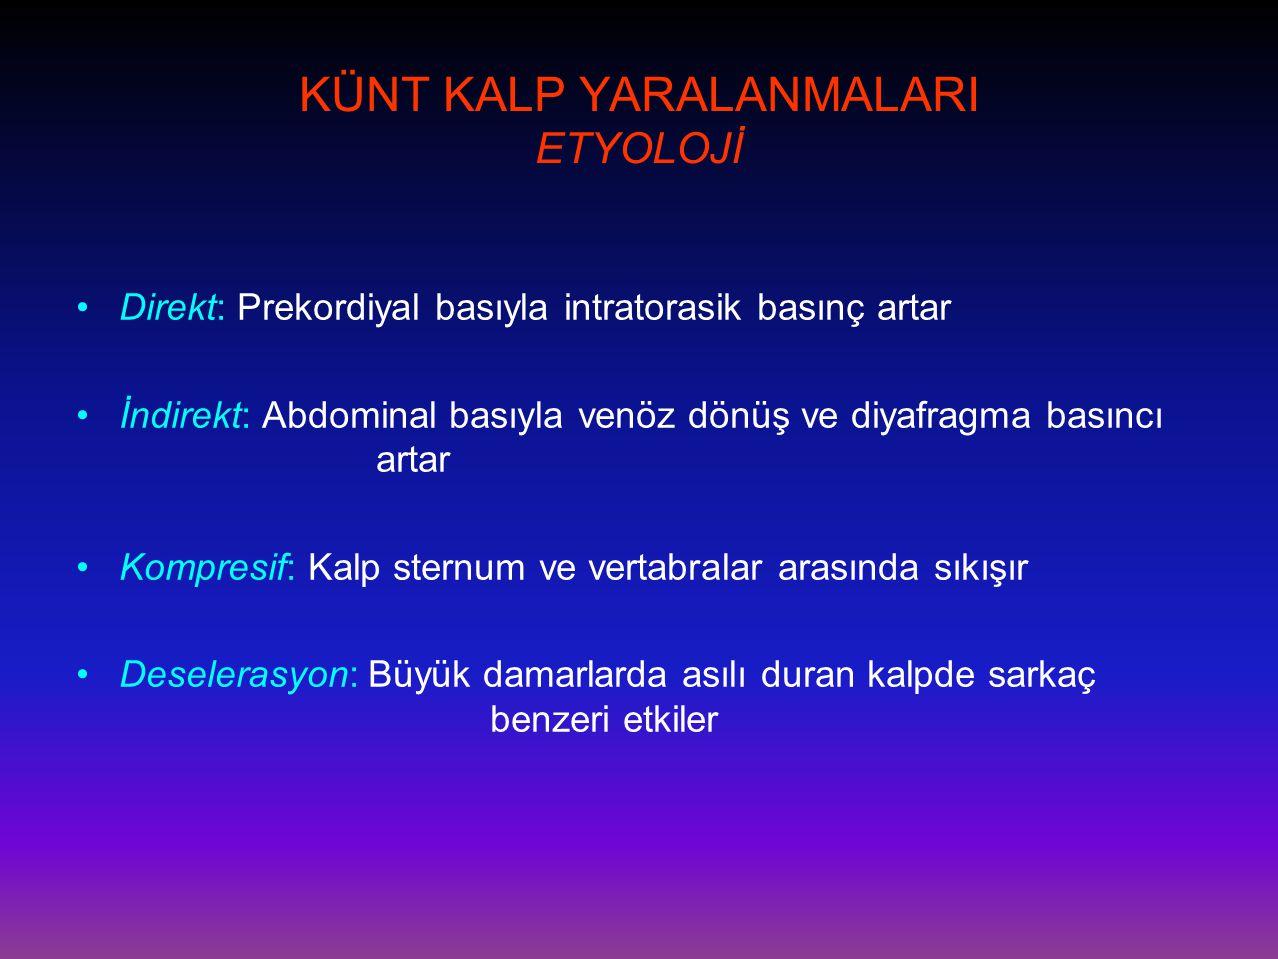 KÜNT KALP YARALANMALARI ETYOLOJİ •Direkt: Prekordiyal basıyla intratorasik basınç artar •İndirekt: Abdominal basıyla venöz dönüş ve diyafragma basıncı